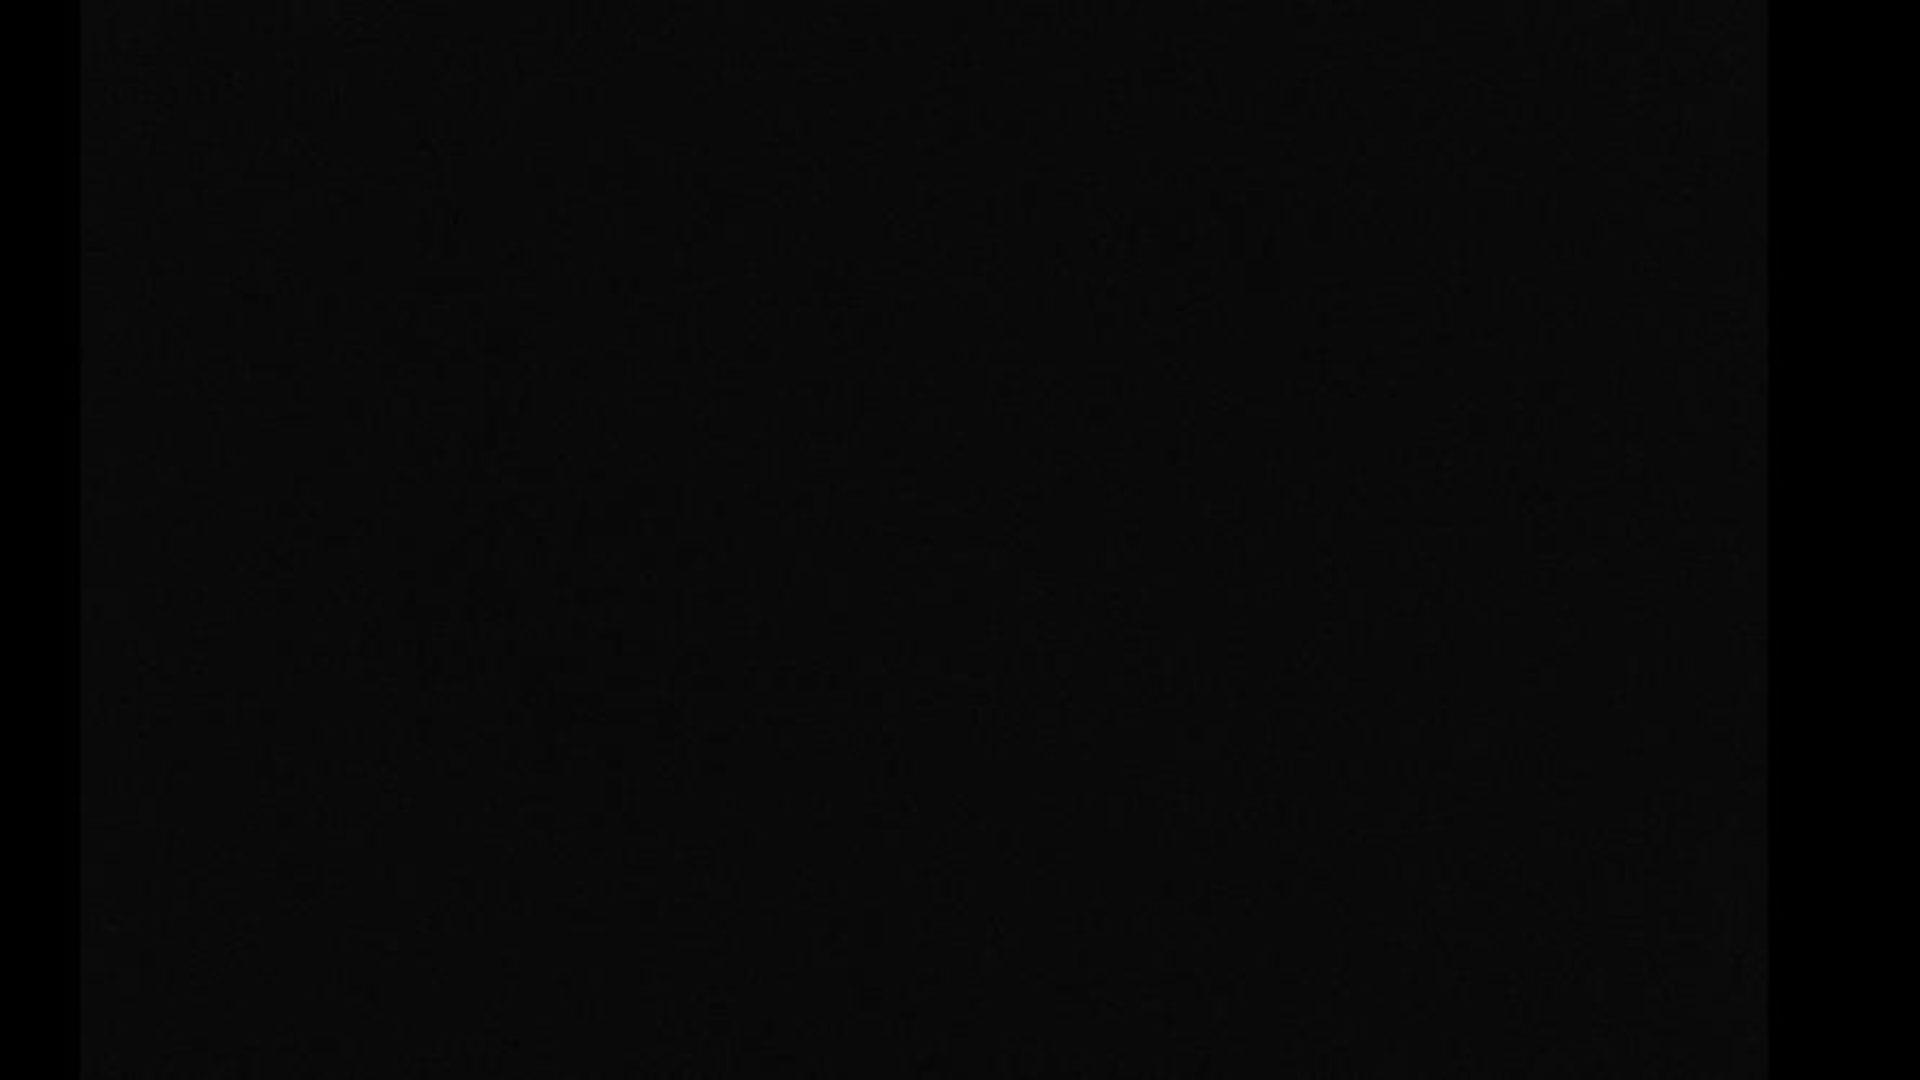 Fond Noir Rds Jeux Video